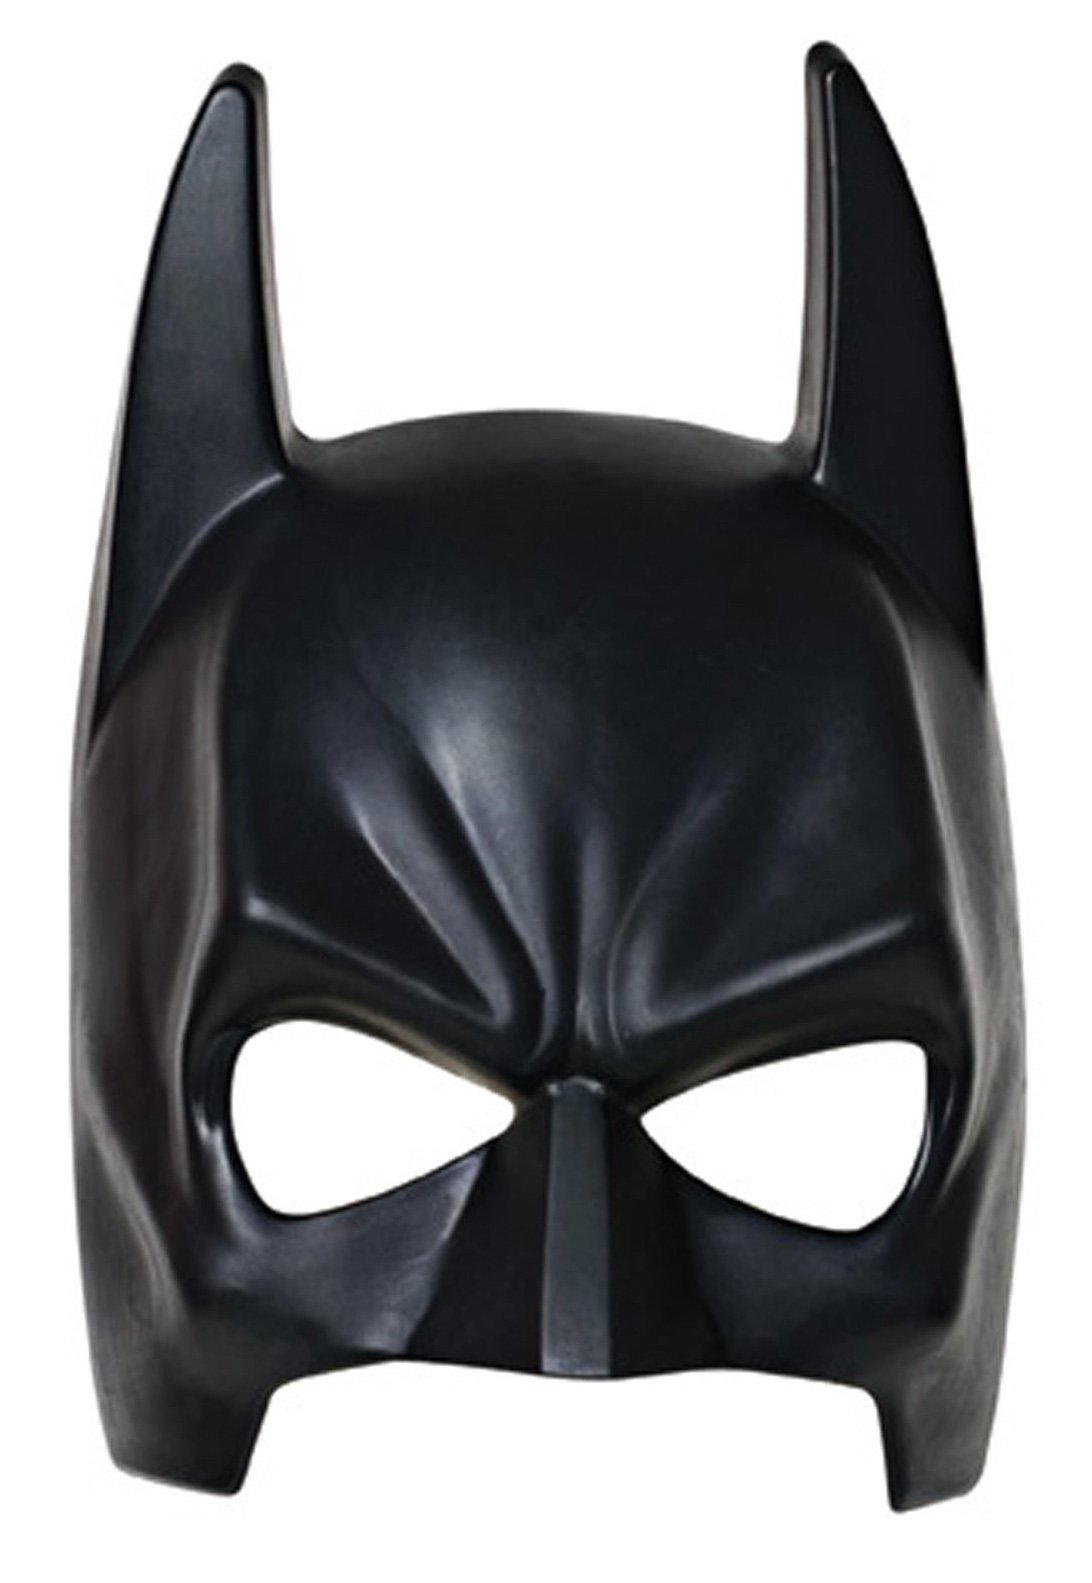 batman halbmaske f r erwachsene masken und g nstige. Black Bedroom Furniture Sets. Home Design Ideas